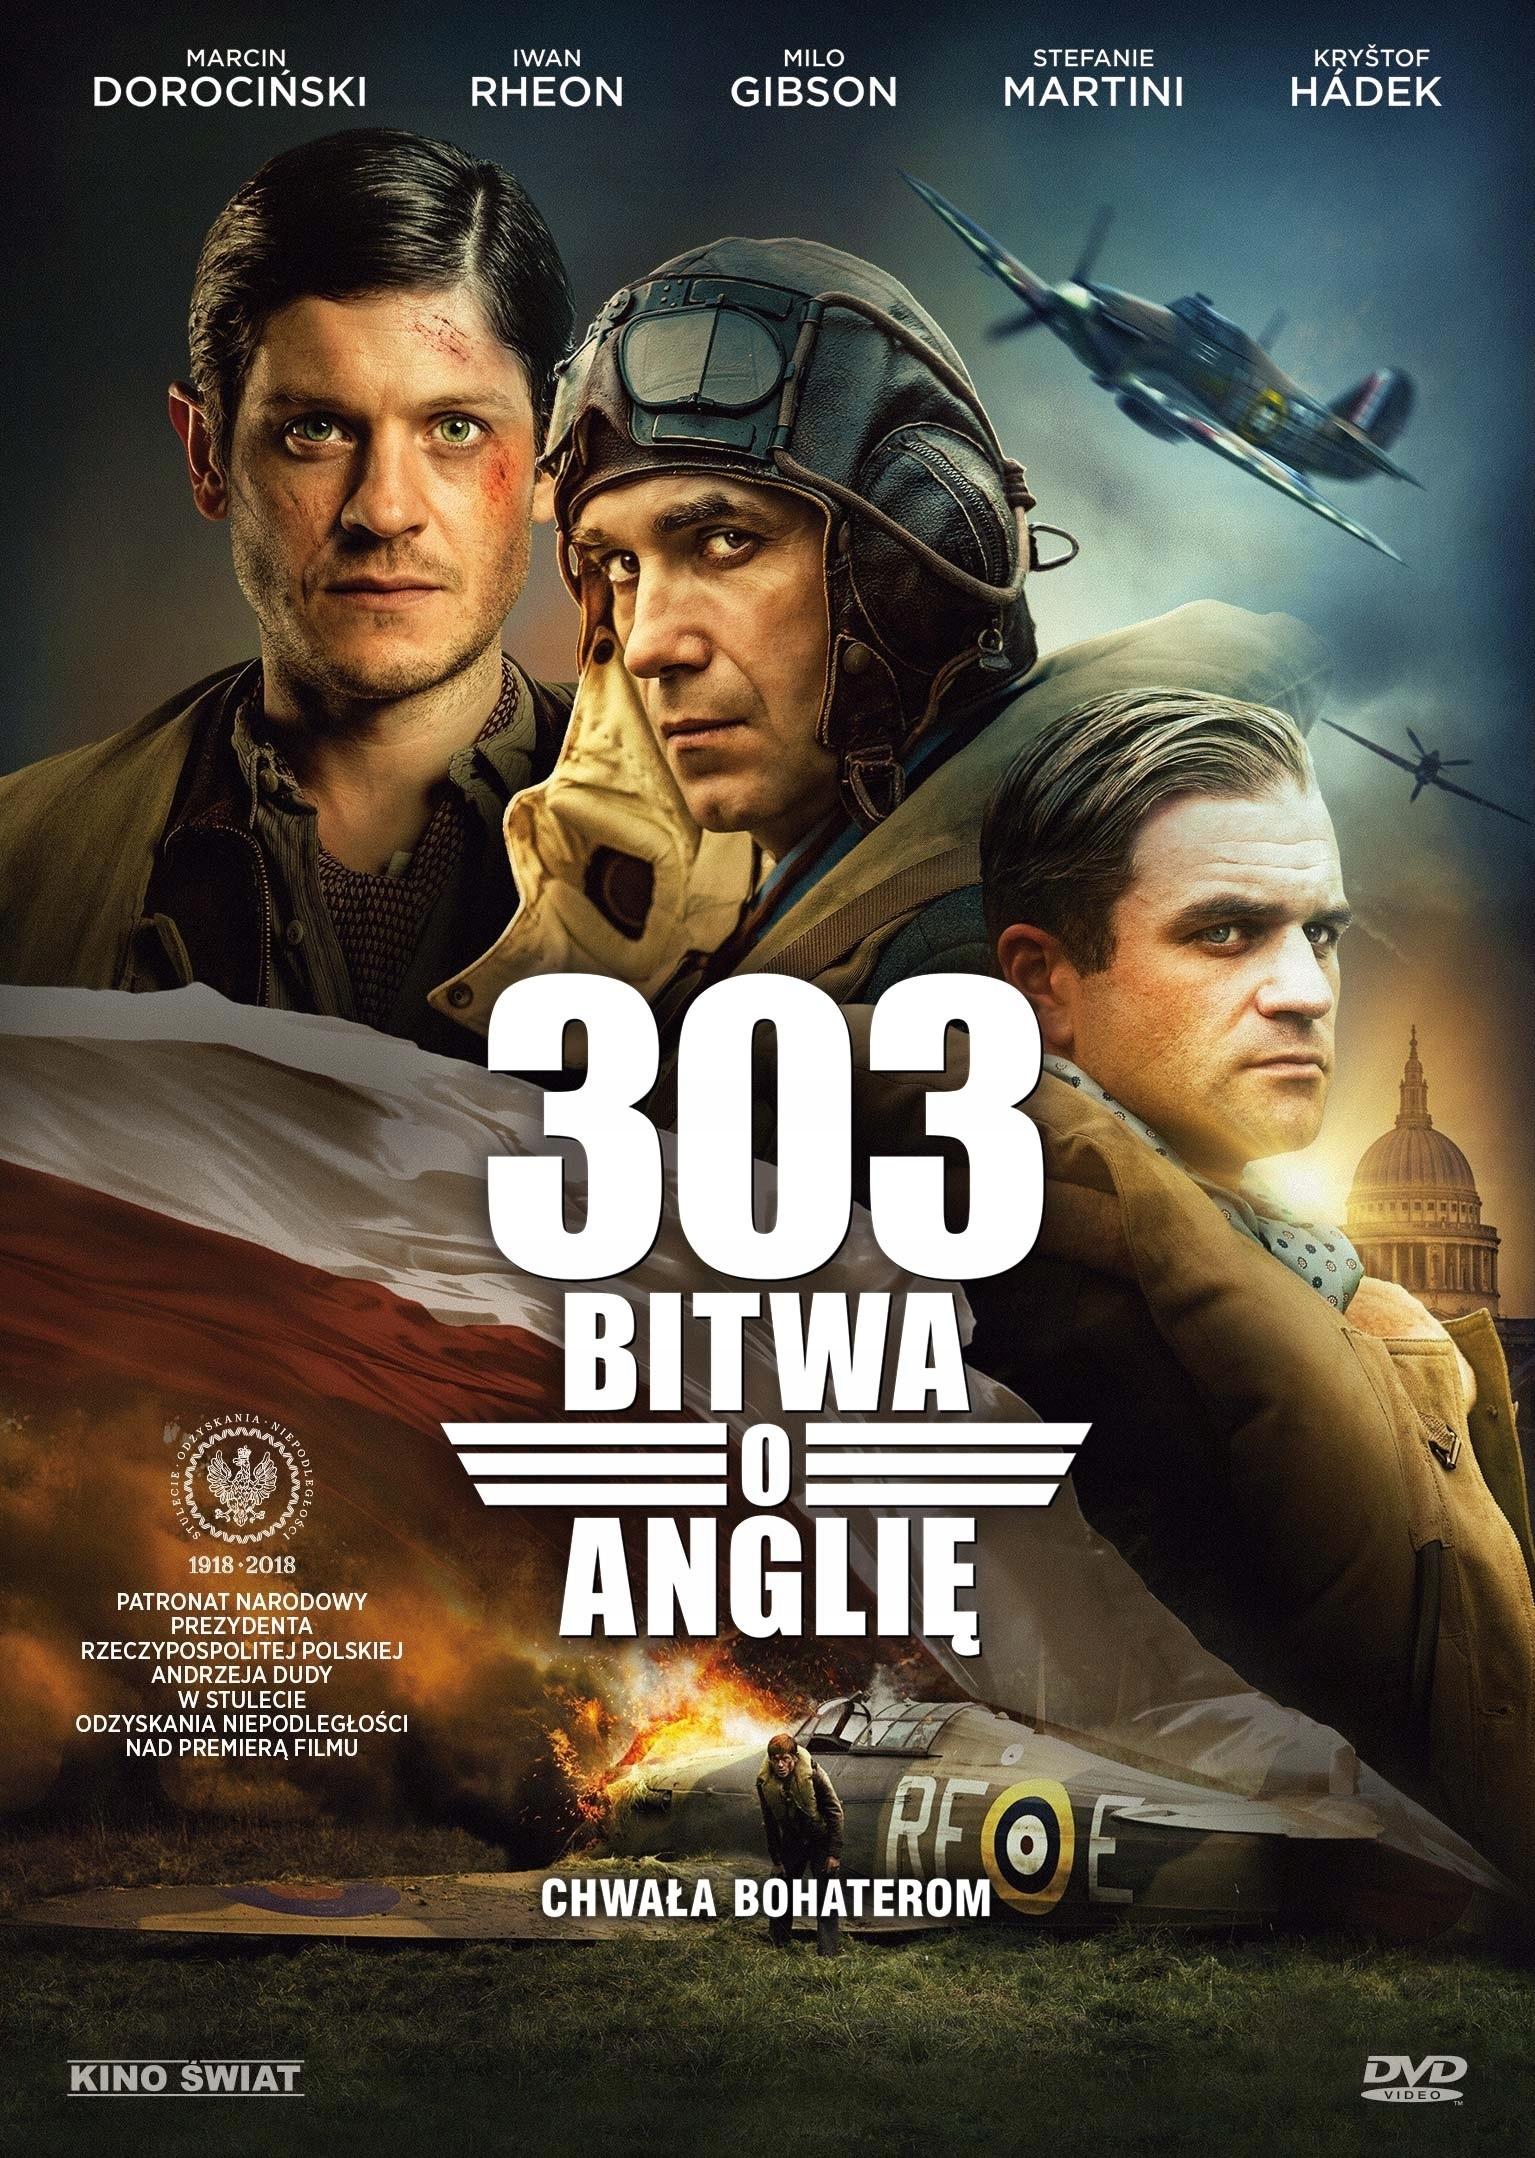 303 Bitwa o Anglię DVD premiera 17.12.2018